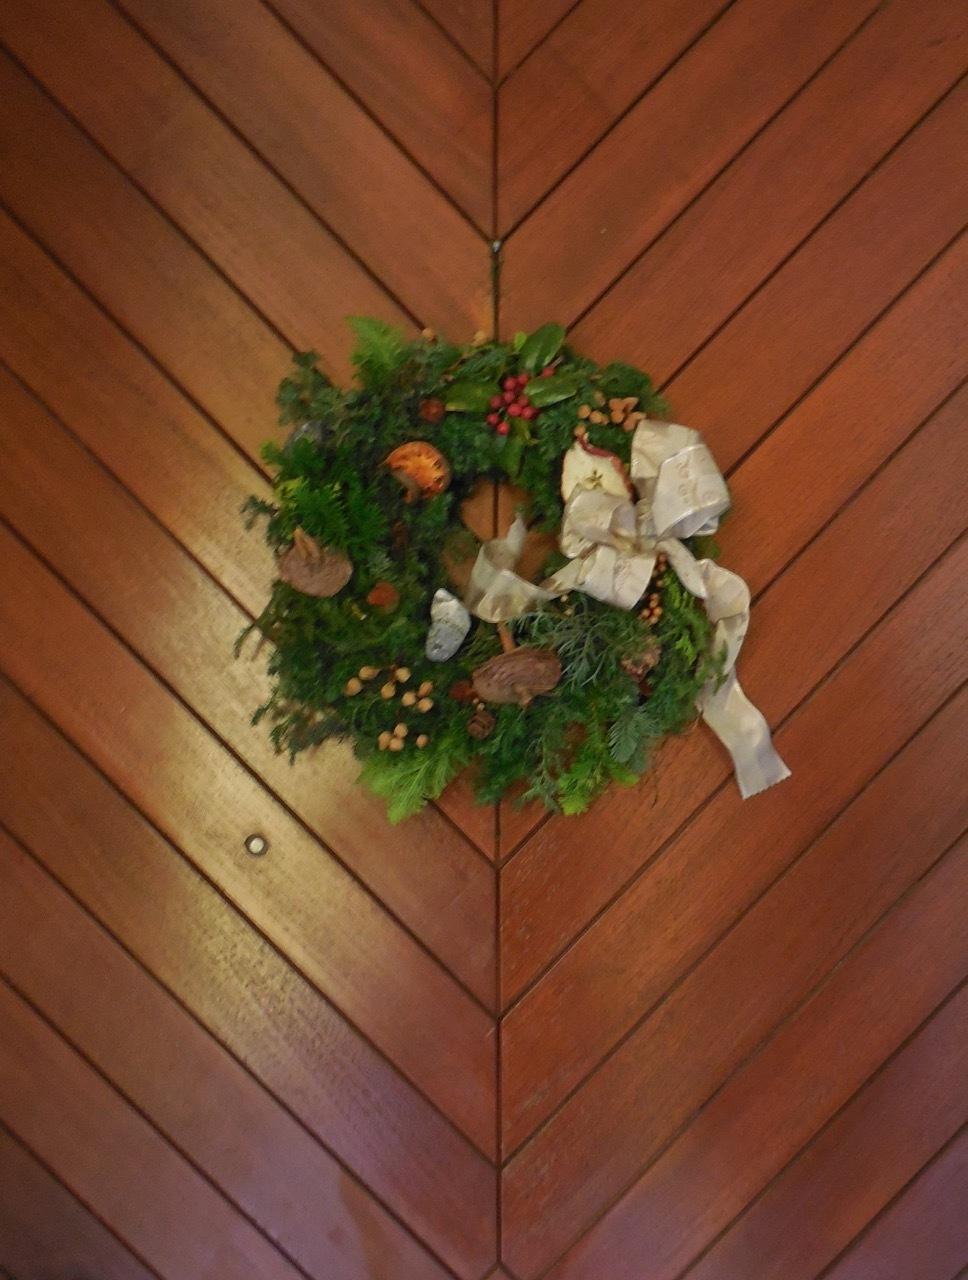 自然素材のクリスマス・リースを作りました!_e0356356_18230214.jpg